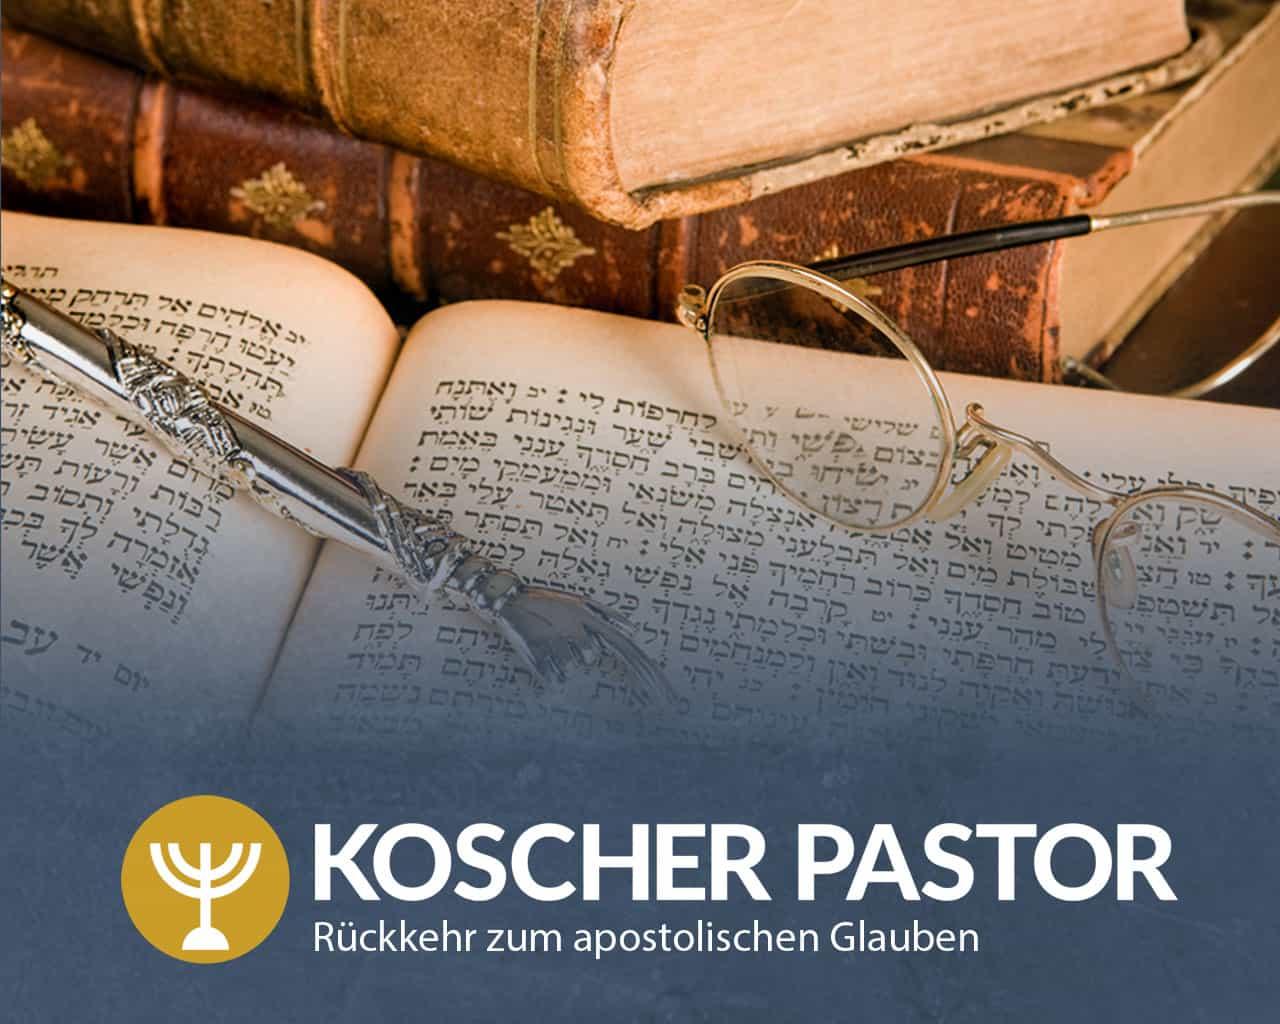 img_kosher_pastor_GER_program_web